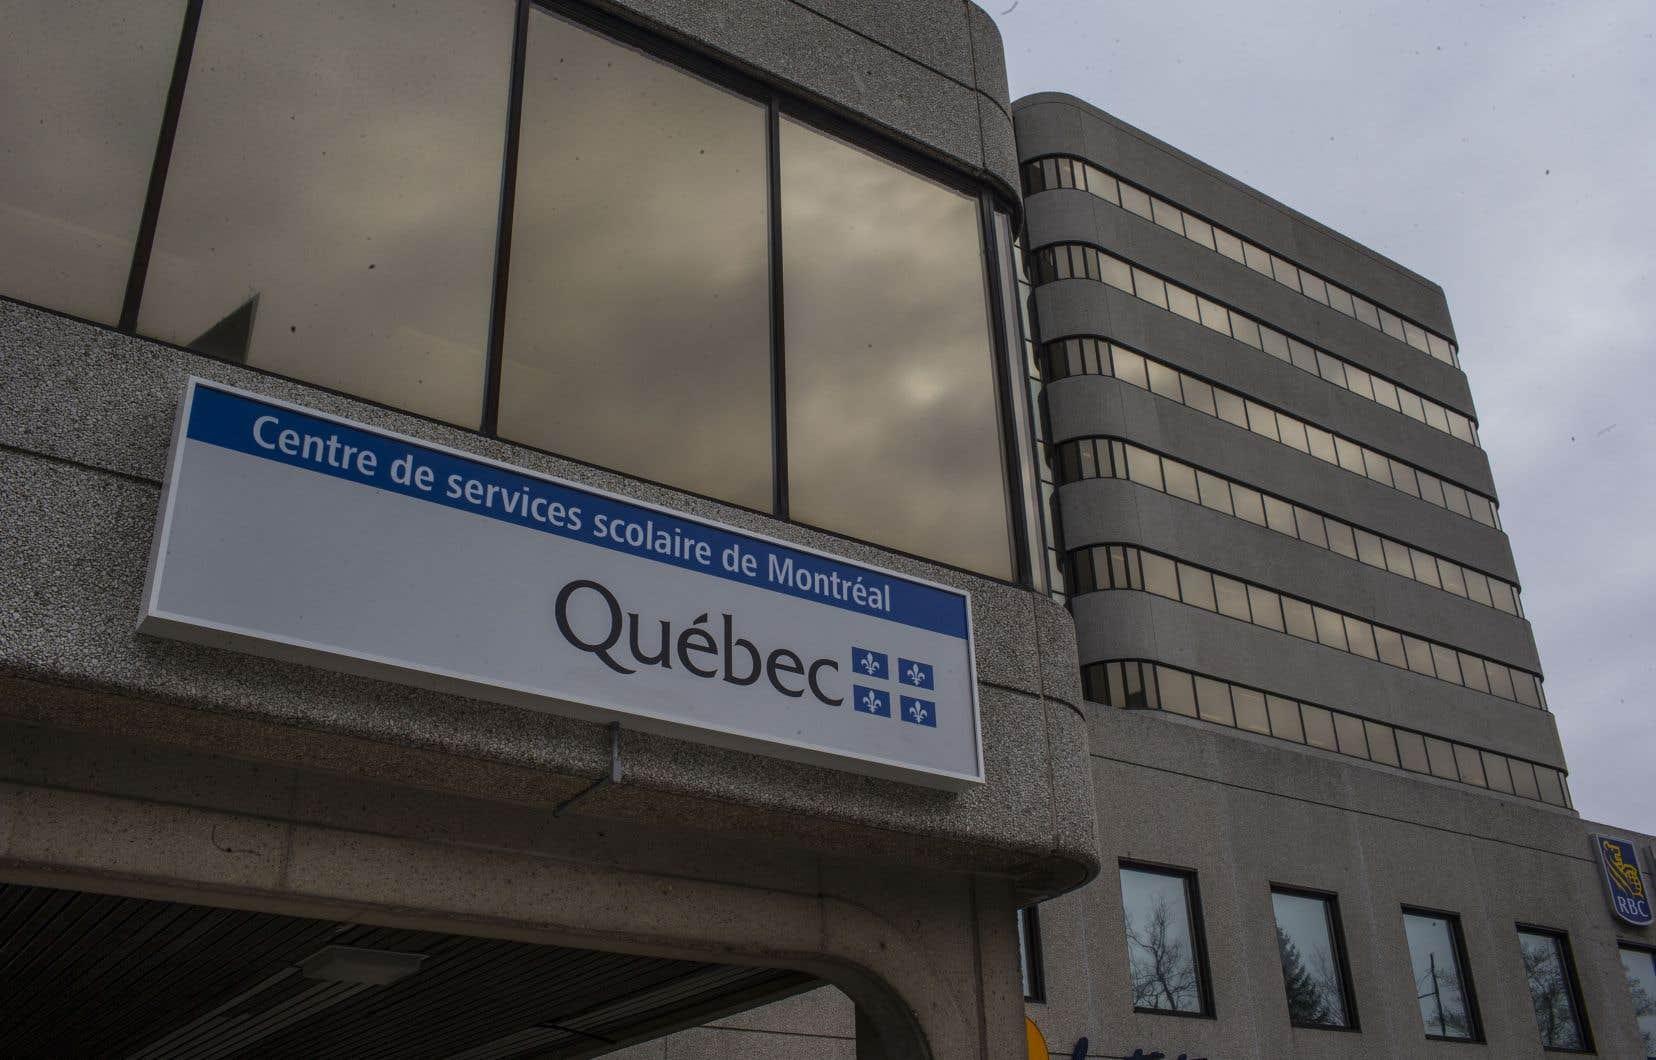 En janvier dernier, Québec a dû amorcer des vérifications auprès du CSSDM à la suite d'allégations «de graves manquements éthiques et déontologiques» au sein du conseil d'administration.